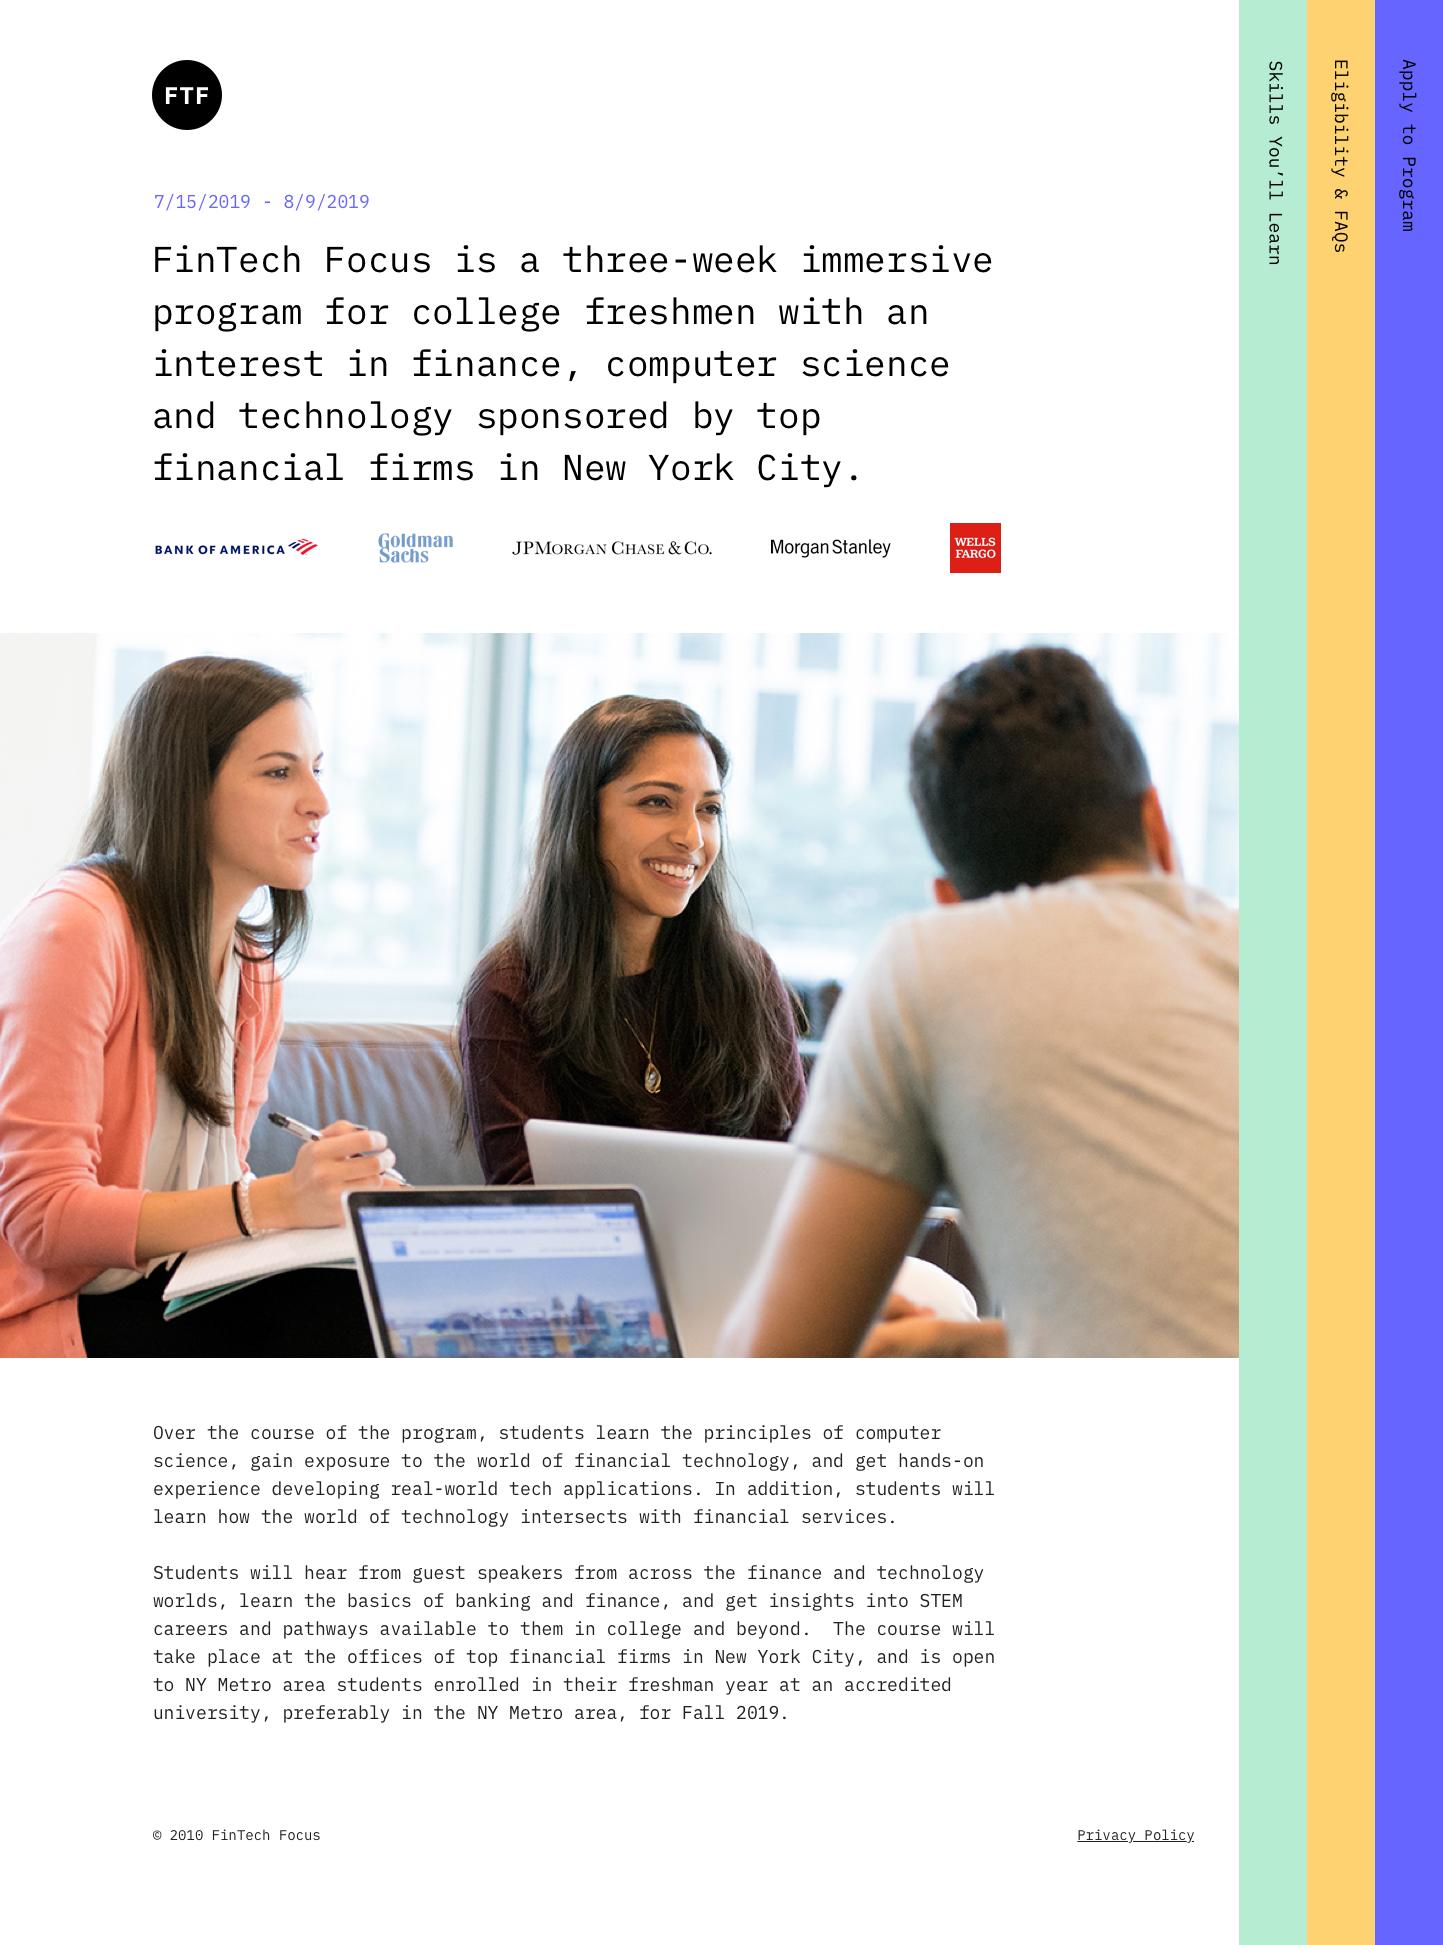 FinTech Focus — STUDIO CHOW